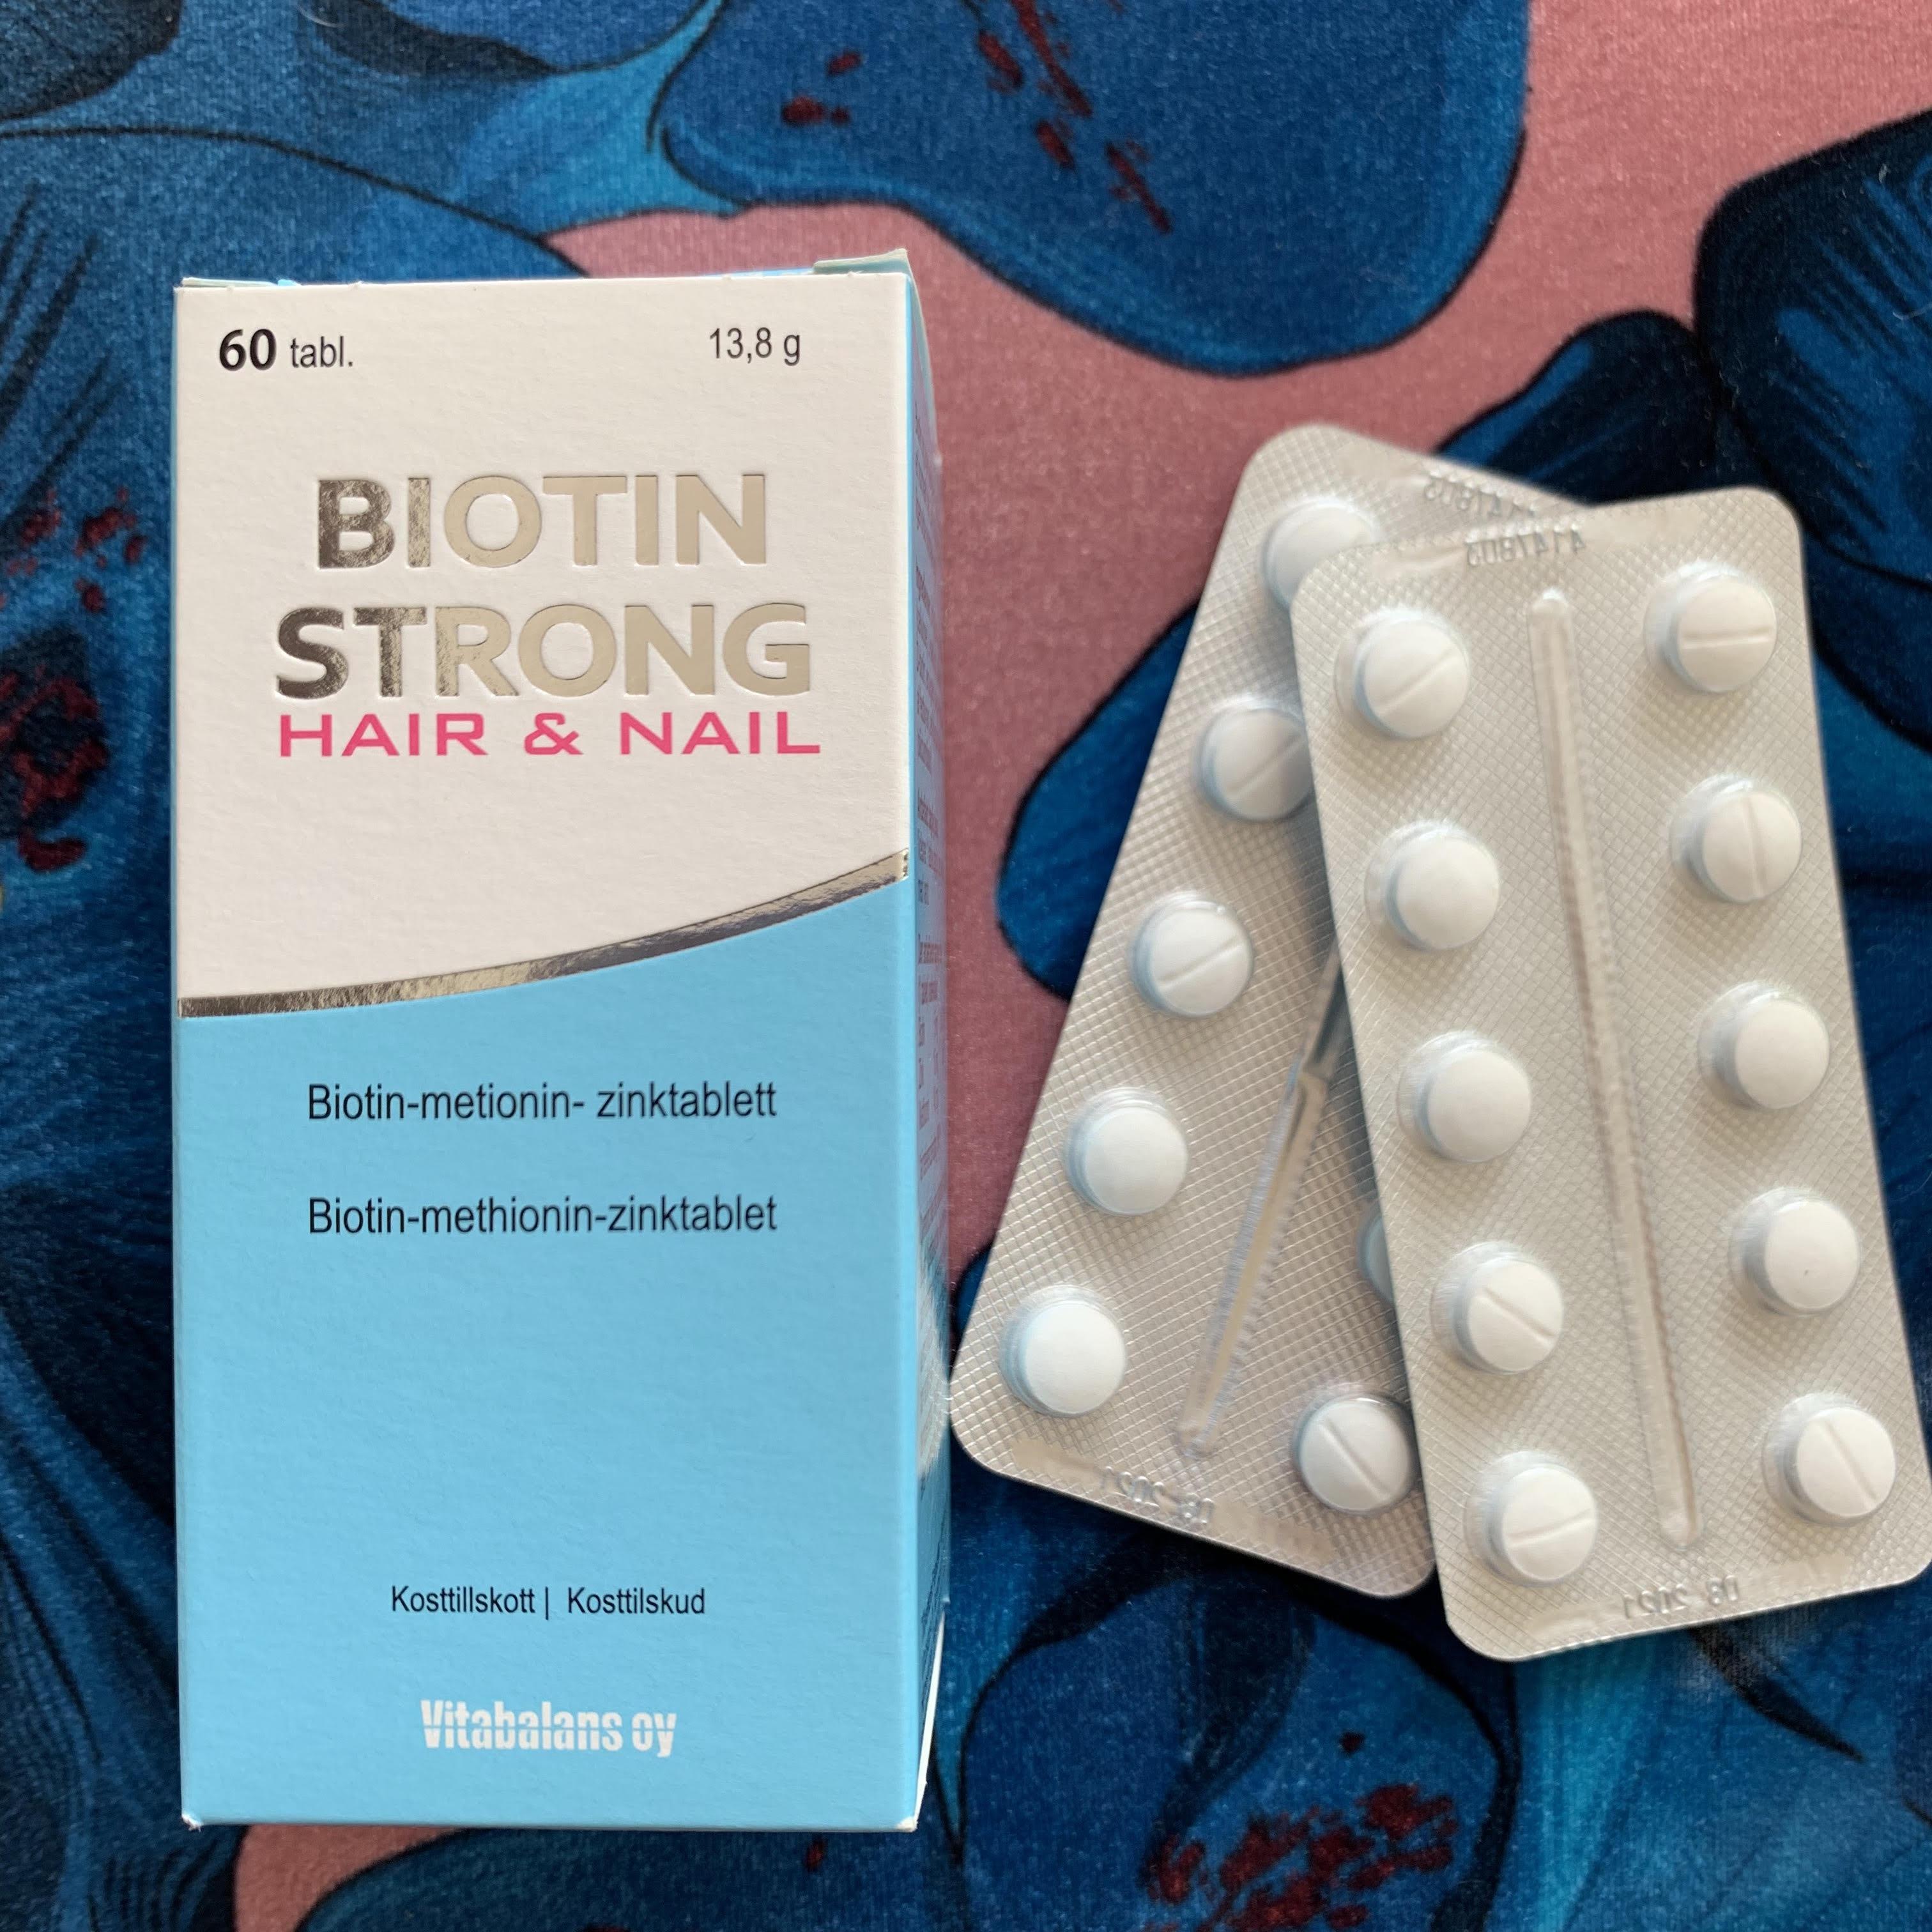 Biotin Strong, test, resultat, kosttilskud, hår, negle, indre skønhed